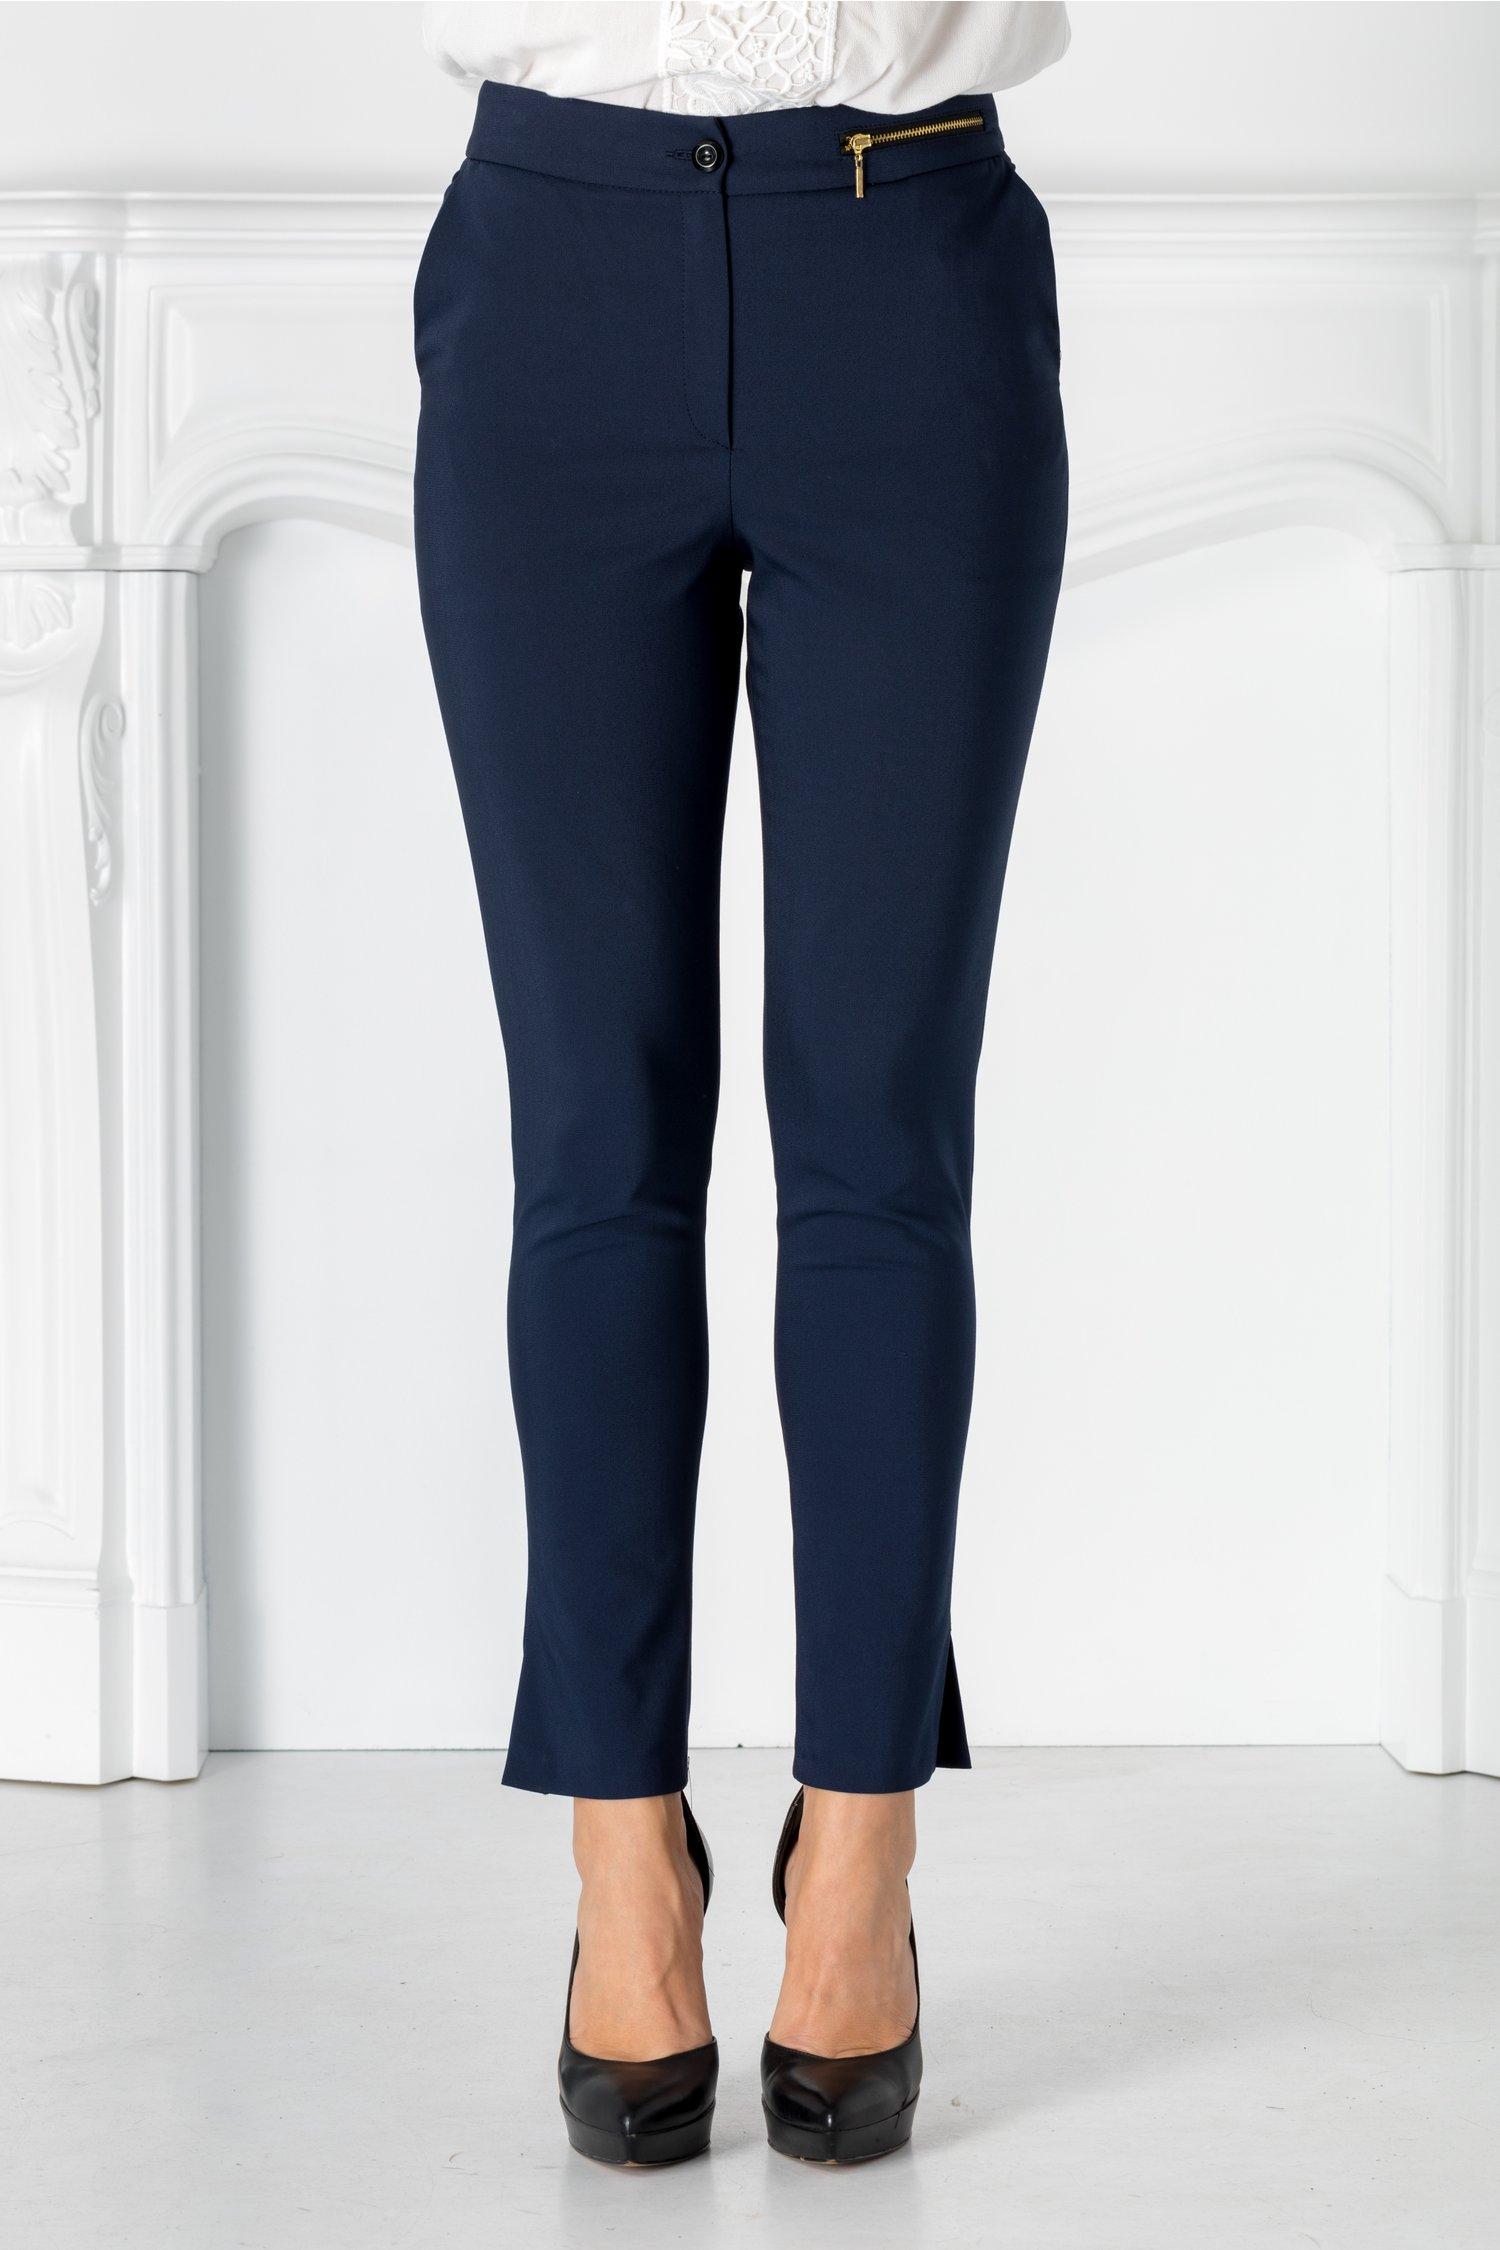 Pantaloni Moze bleumarin cu fermoar metalizat